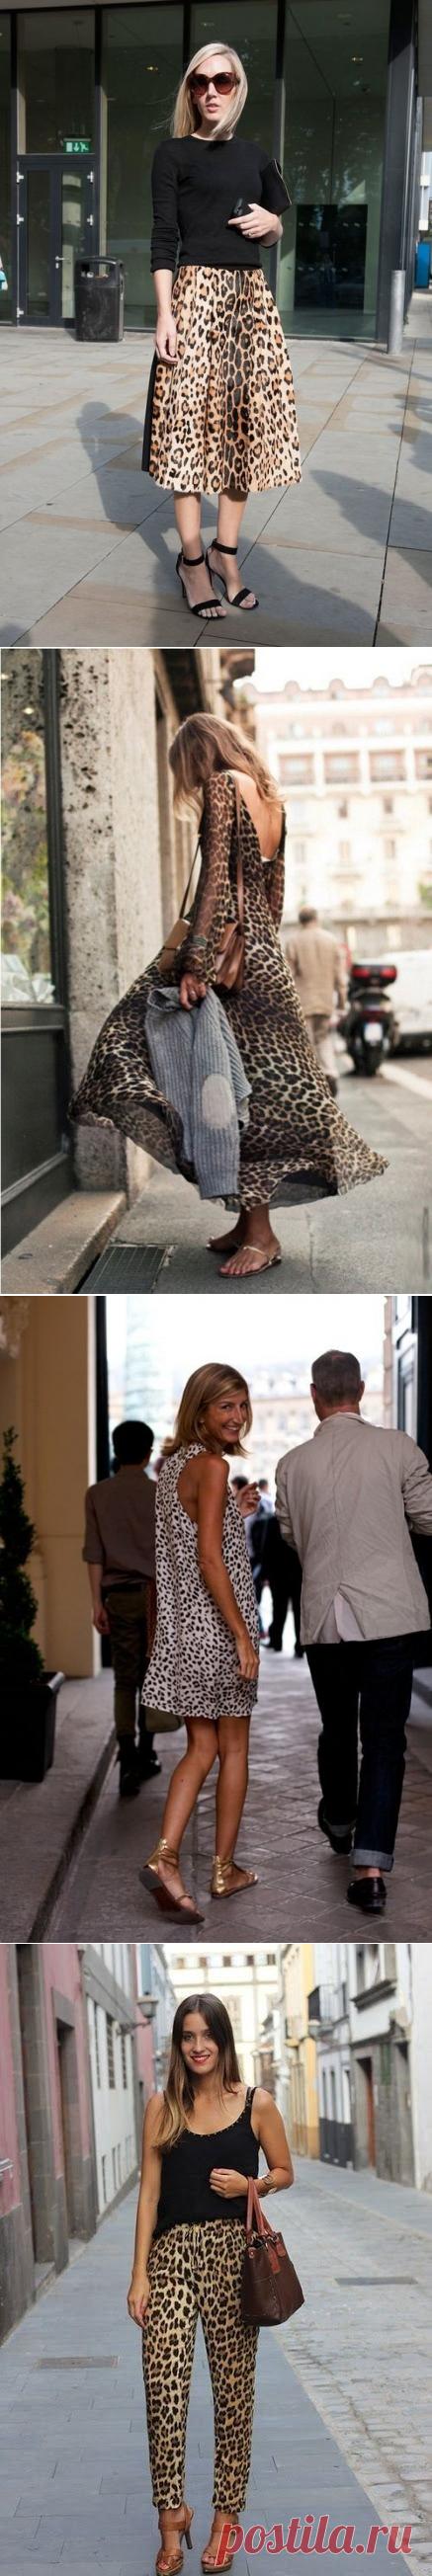 Леопардовый принт в образах — Модно / Nemodno